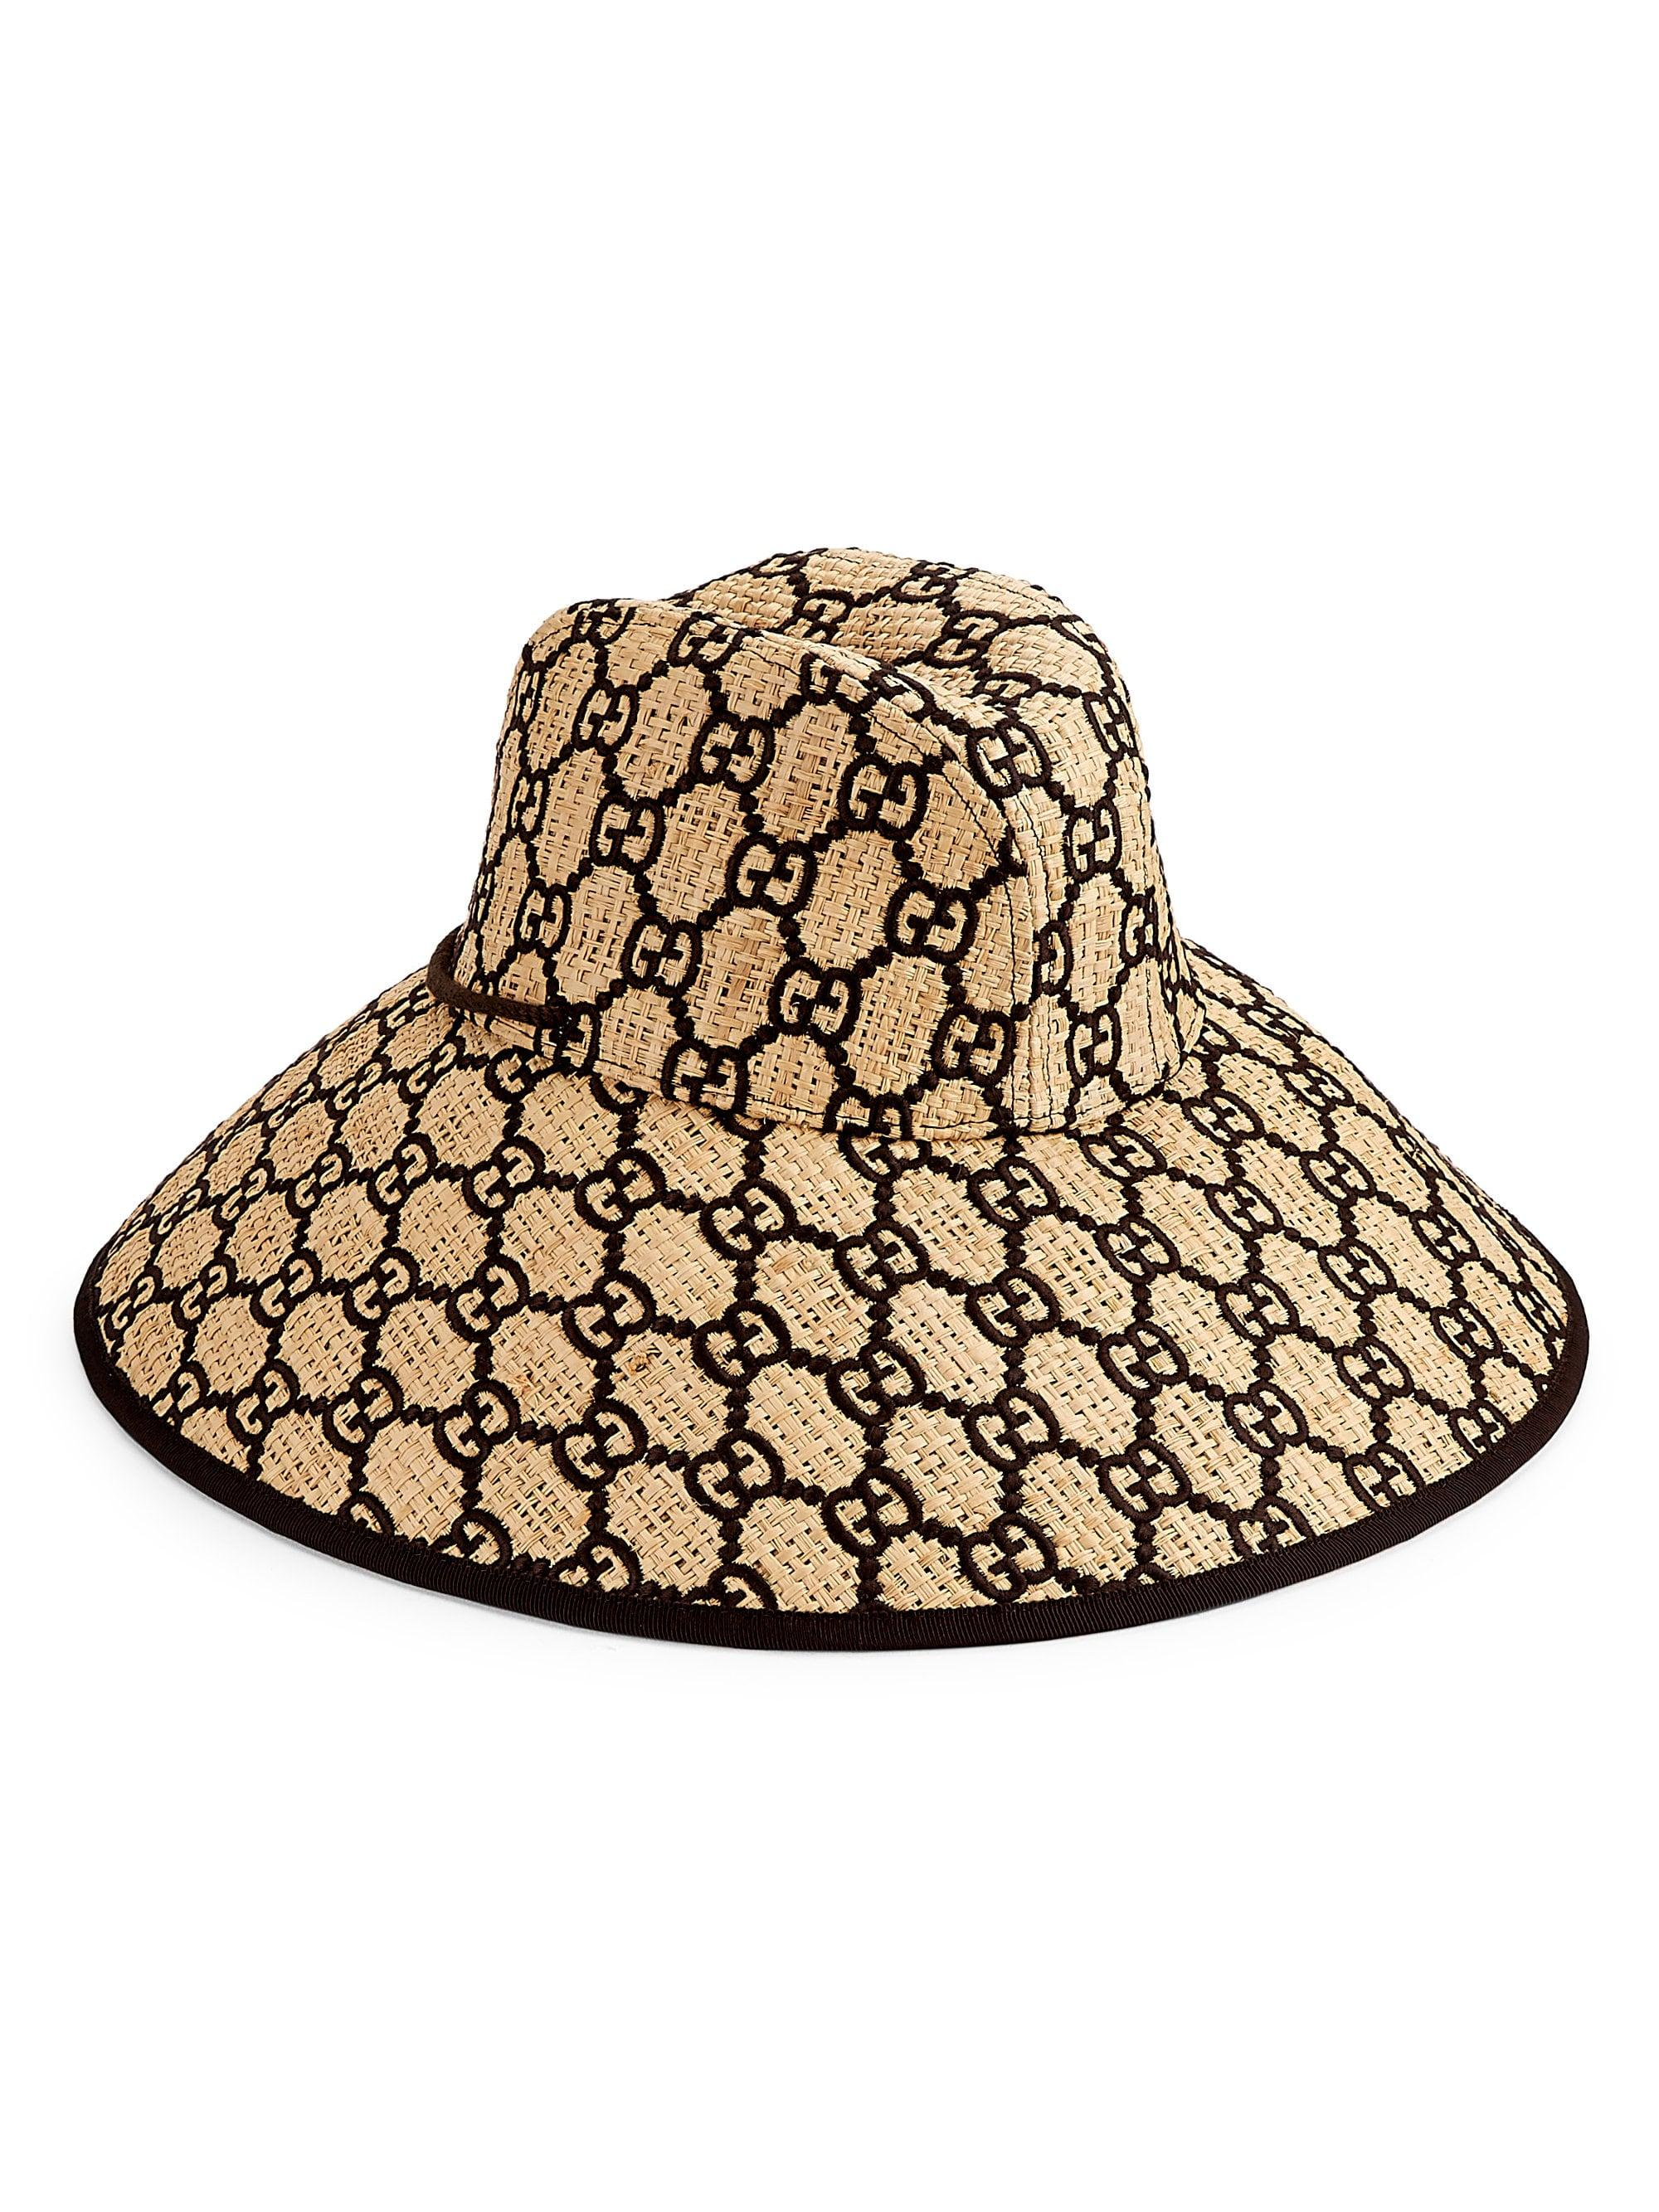 5798739bc1dbe7 Lyst - Gucci Gg Logo Wide Brimmed Raffia Hat